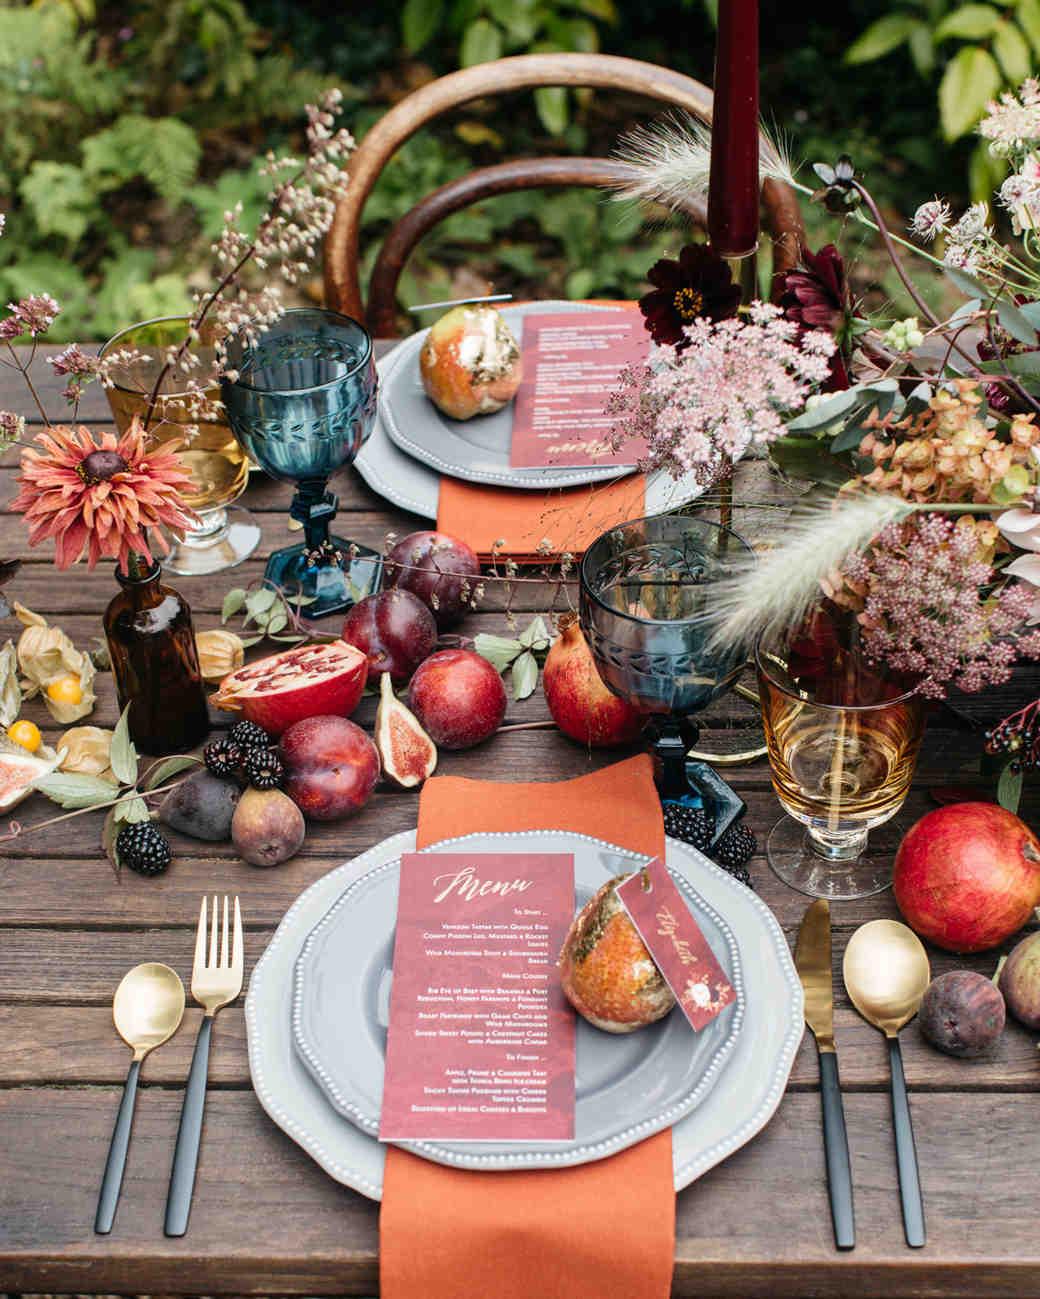 Rustic Country Wedding Ideas: 26 Rustic Wedding Ideas That Still Feel Elevated